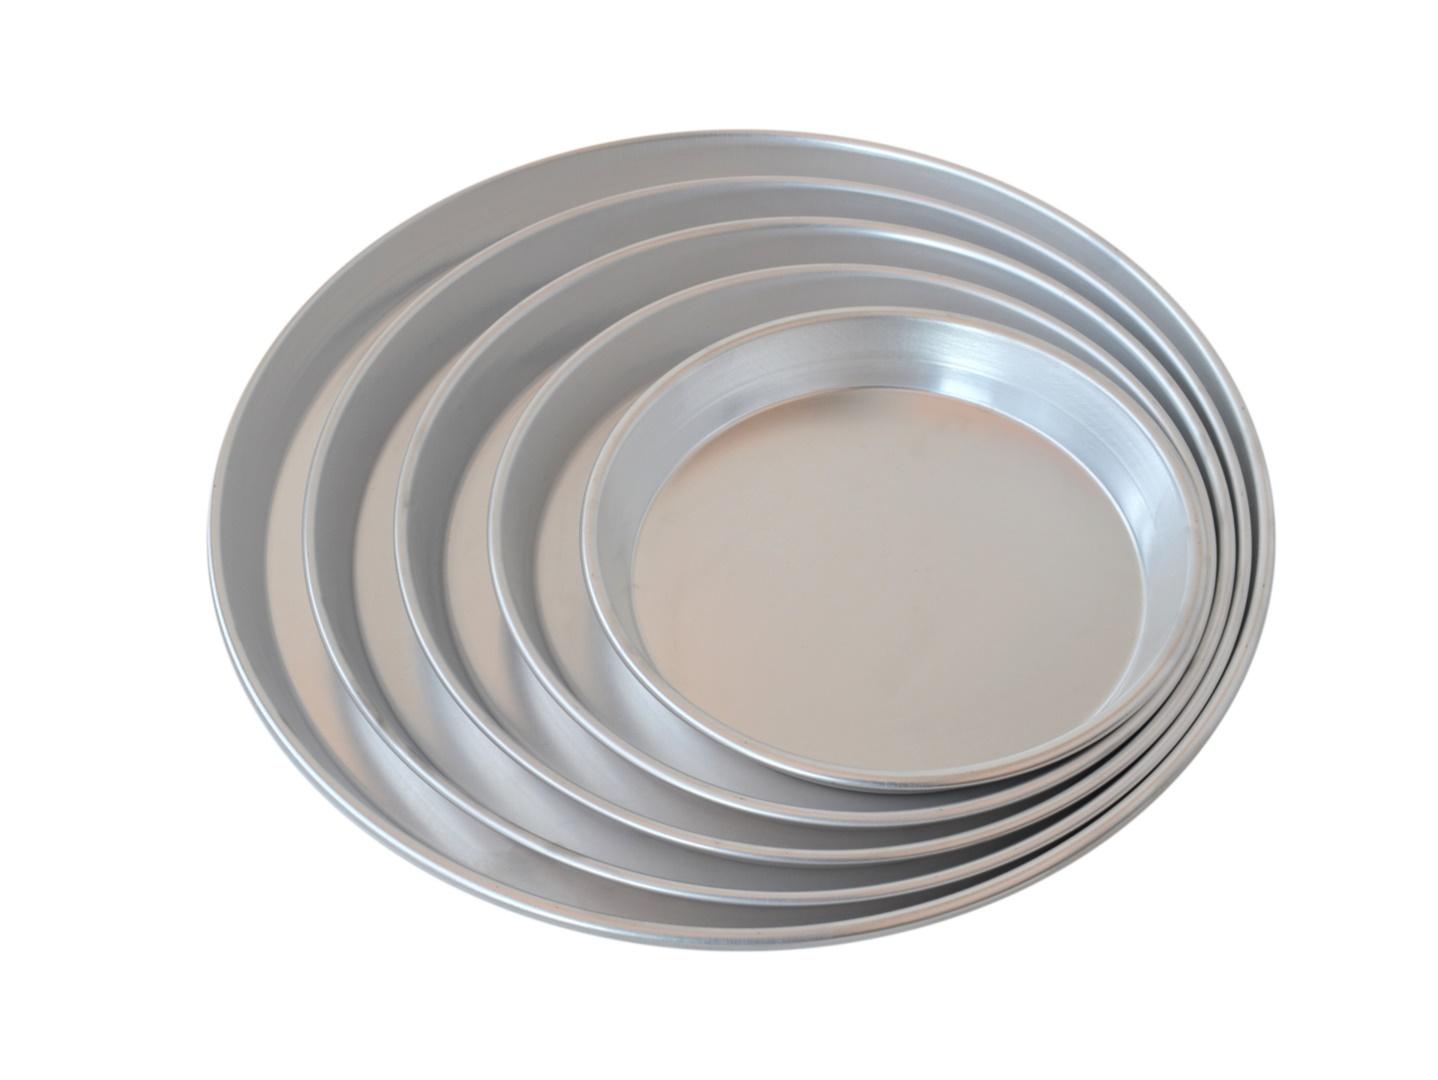 Teglie Rotonde Per Pizza Alluminio.Errepan Stampi Rotondi In Alluminio Treviglio Bergamo